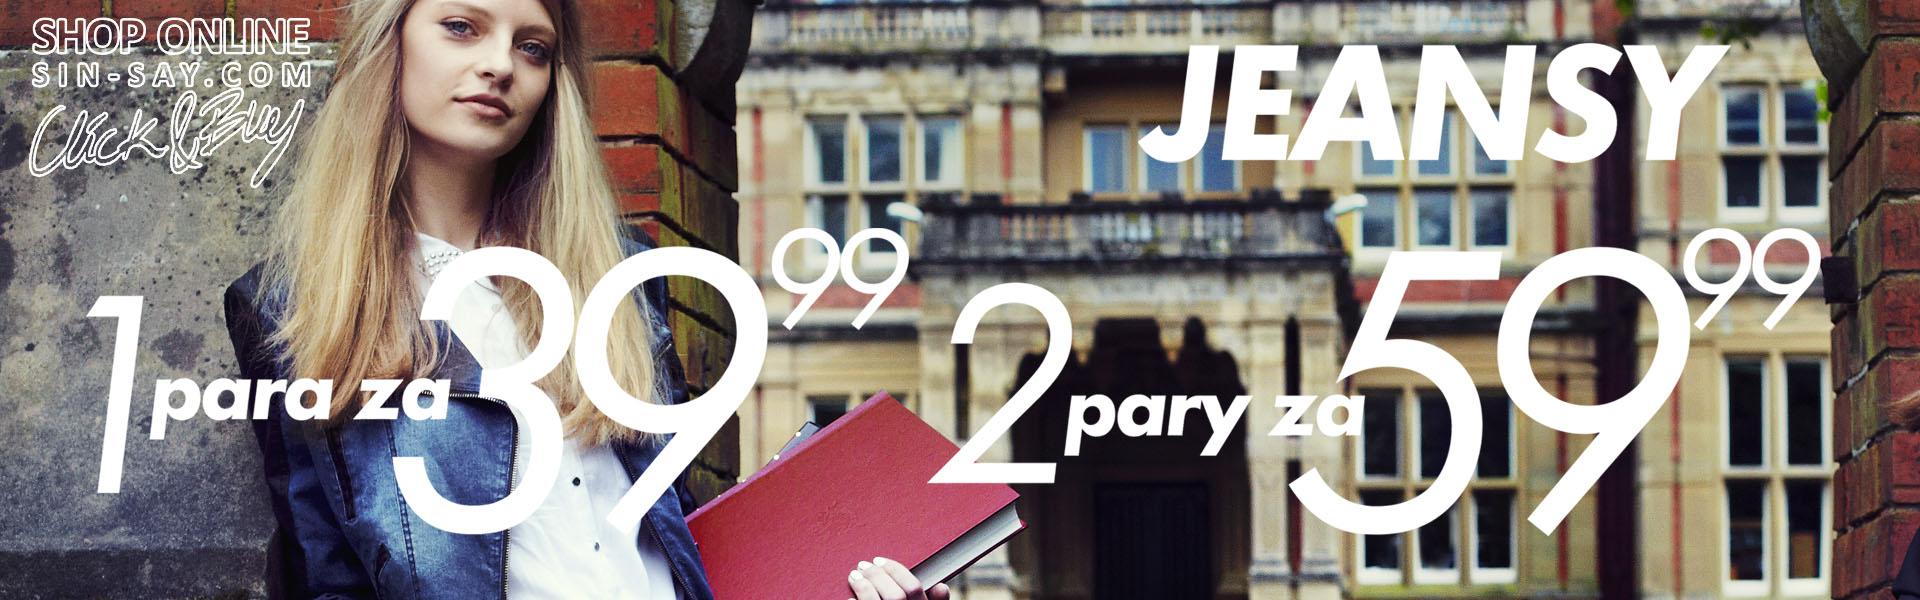 Jeansy - 1 para za 39,99zł, 2 pary za 59,99zł @ Sinsay